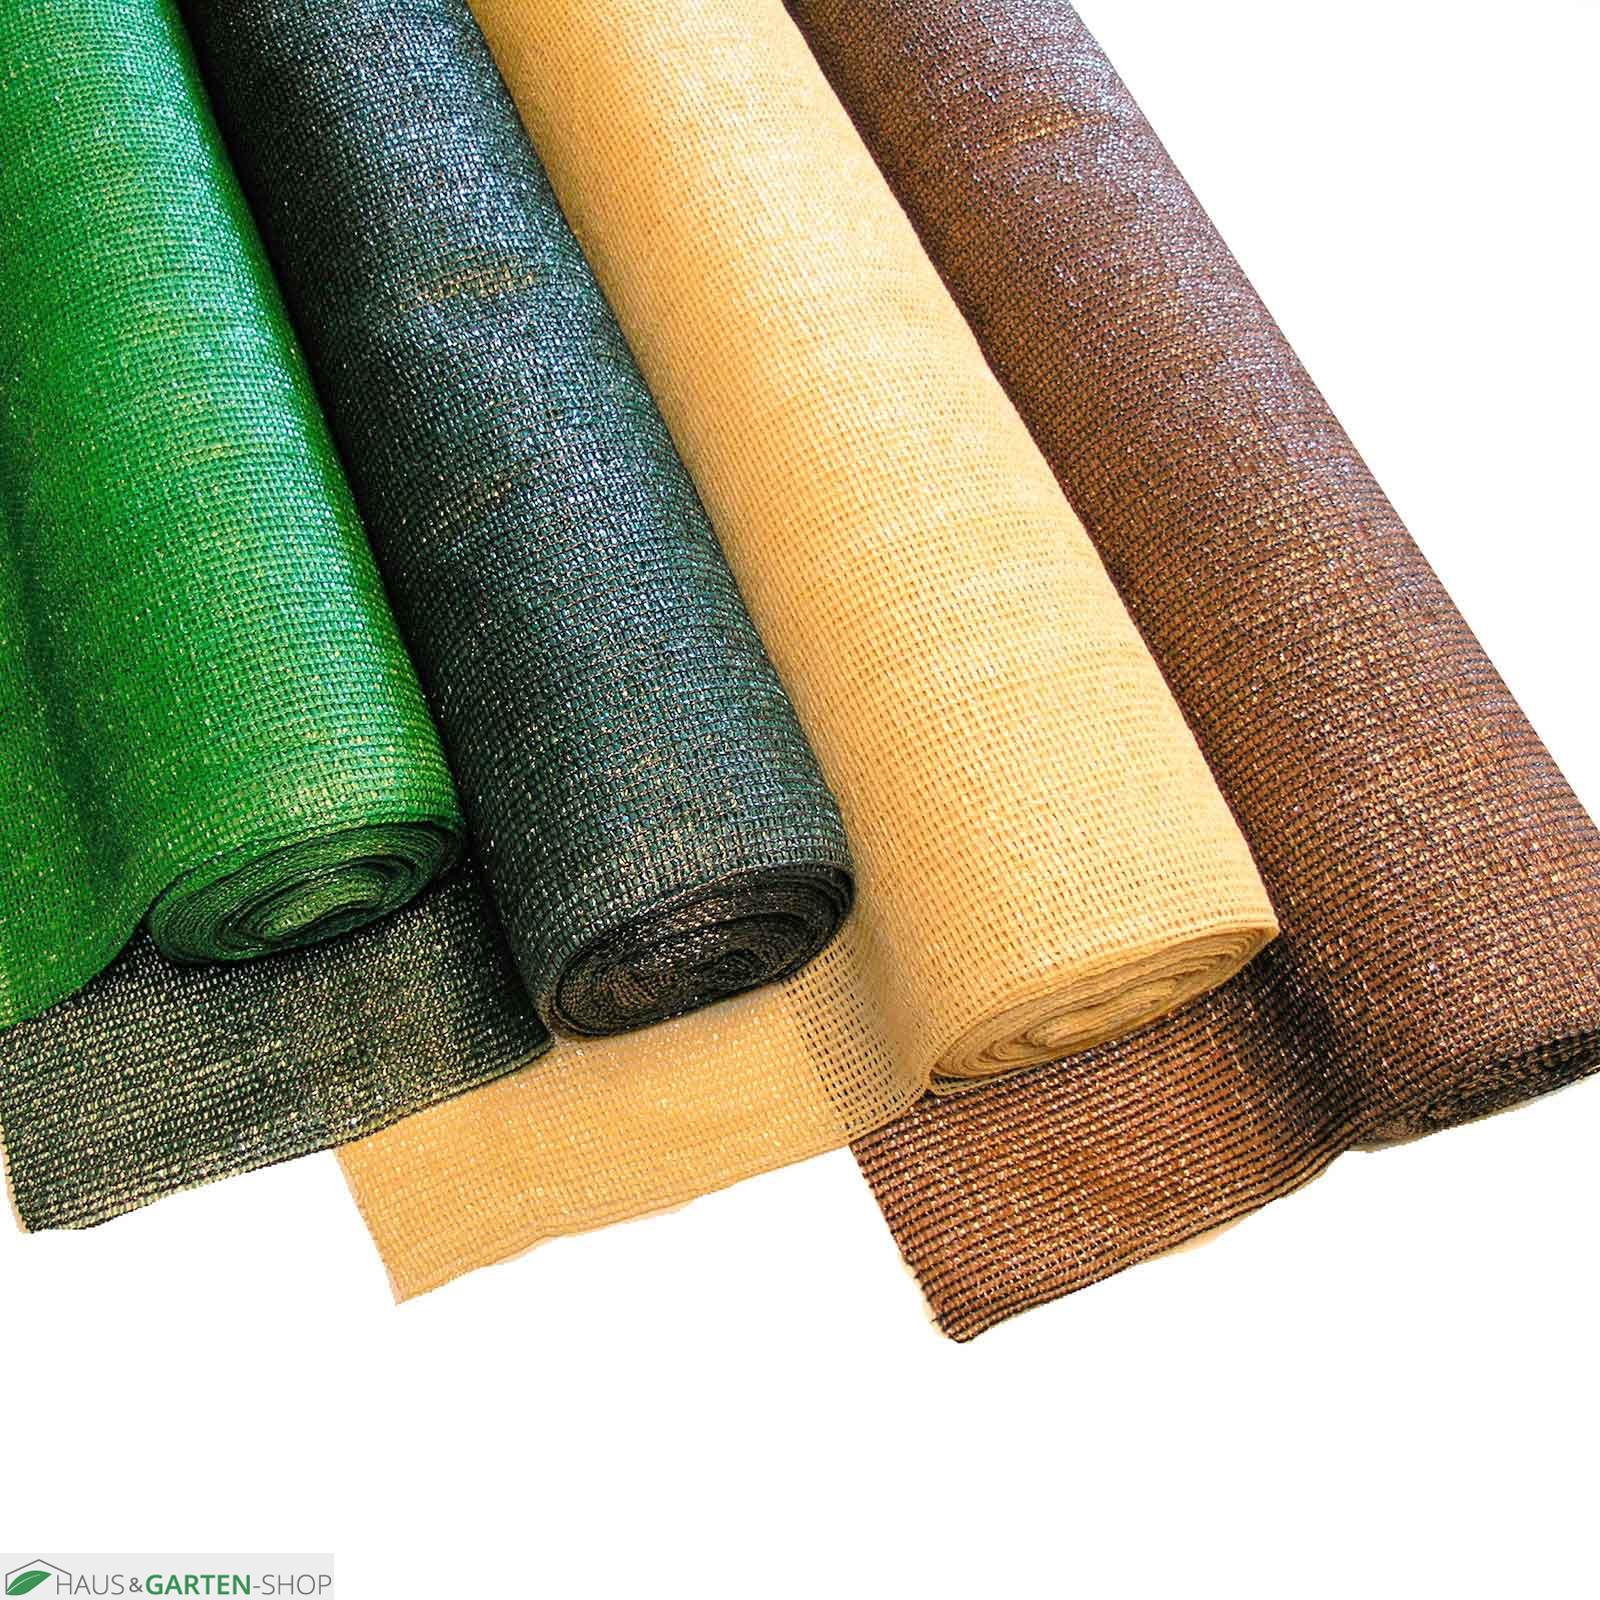 Balkonblende Sichtschutz Aus Textilen Stoffen Material